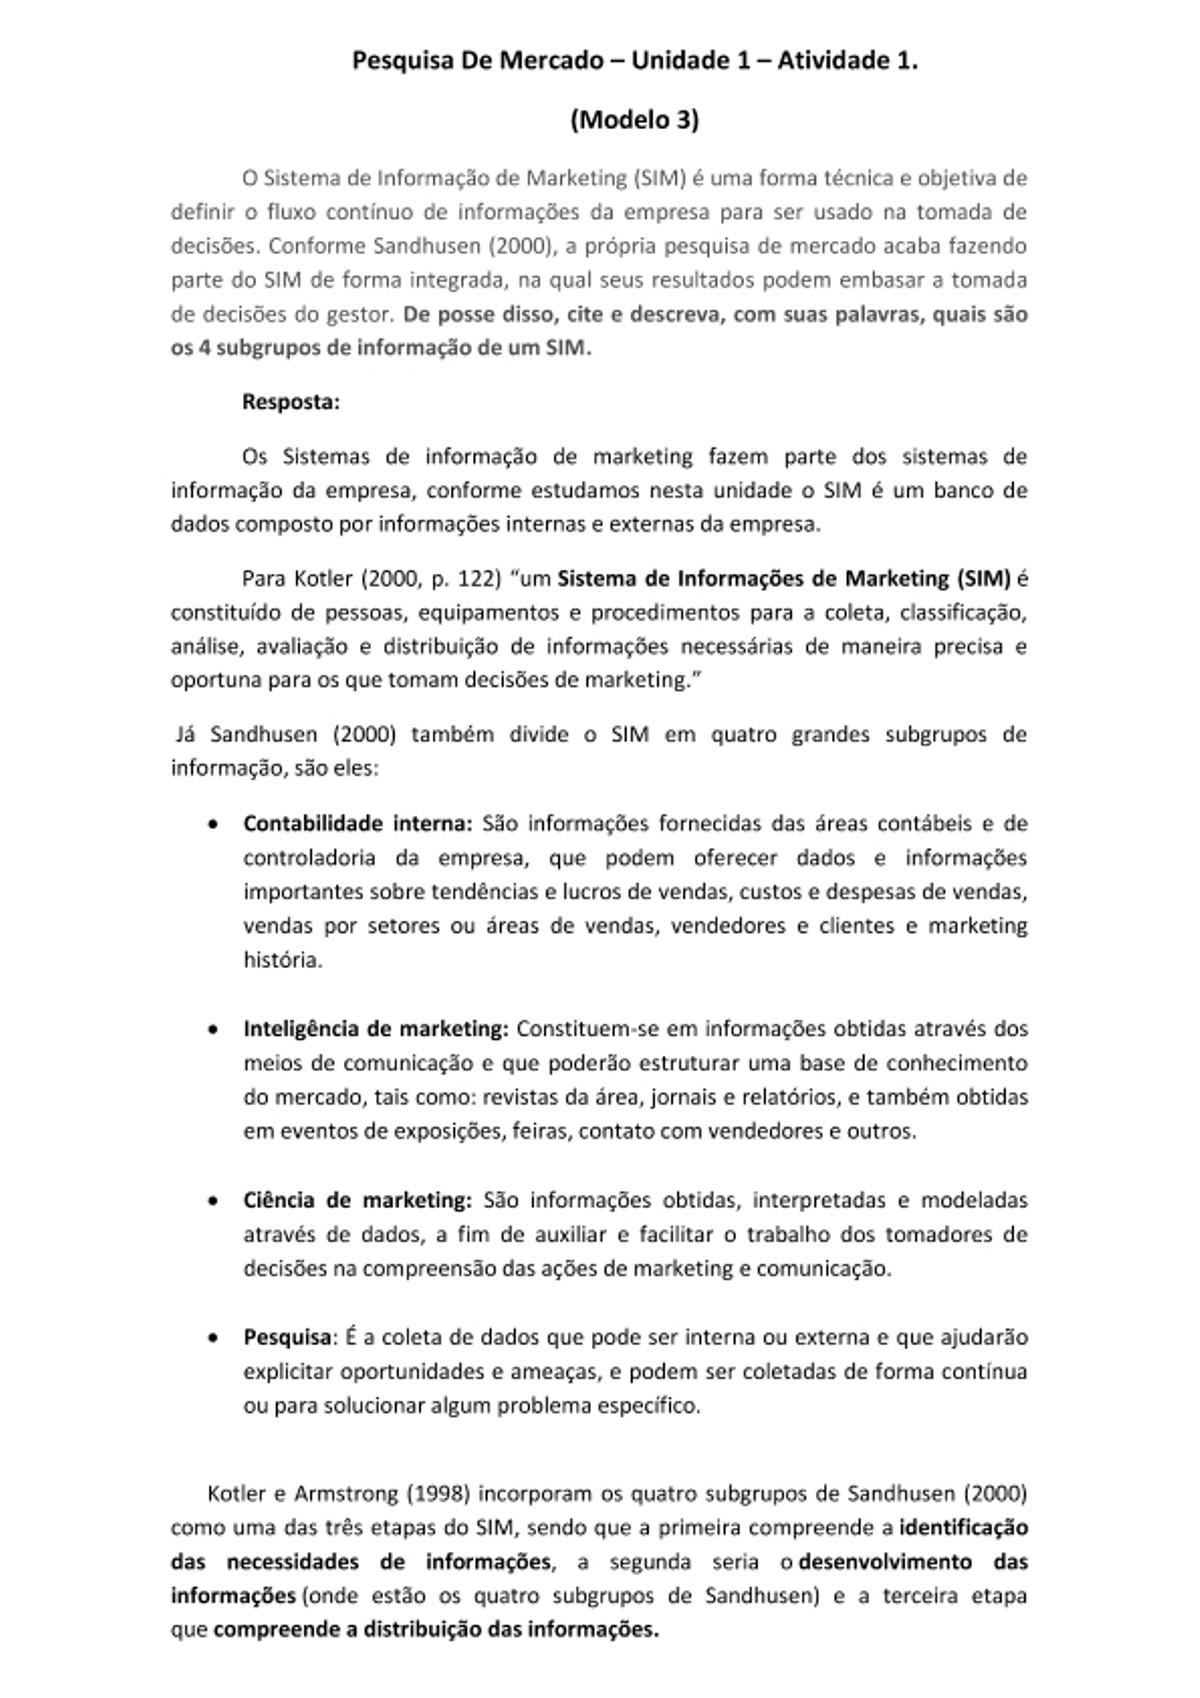 Pre-visualização do material Atividade 1 - Pesquisa de mercado - Unidade 1 (Modelo 3) - Gostou? Dá Um Like Né! - página 1